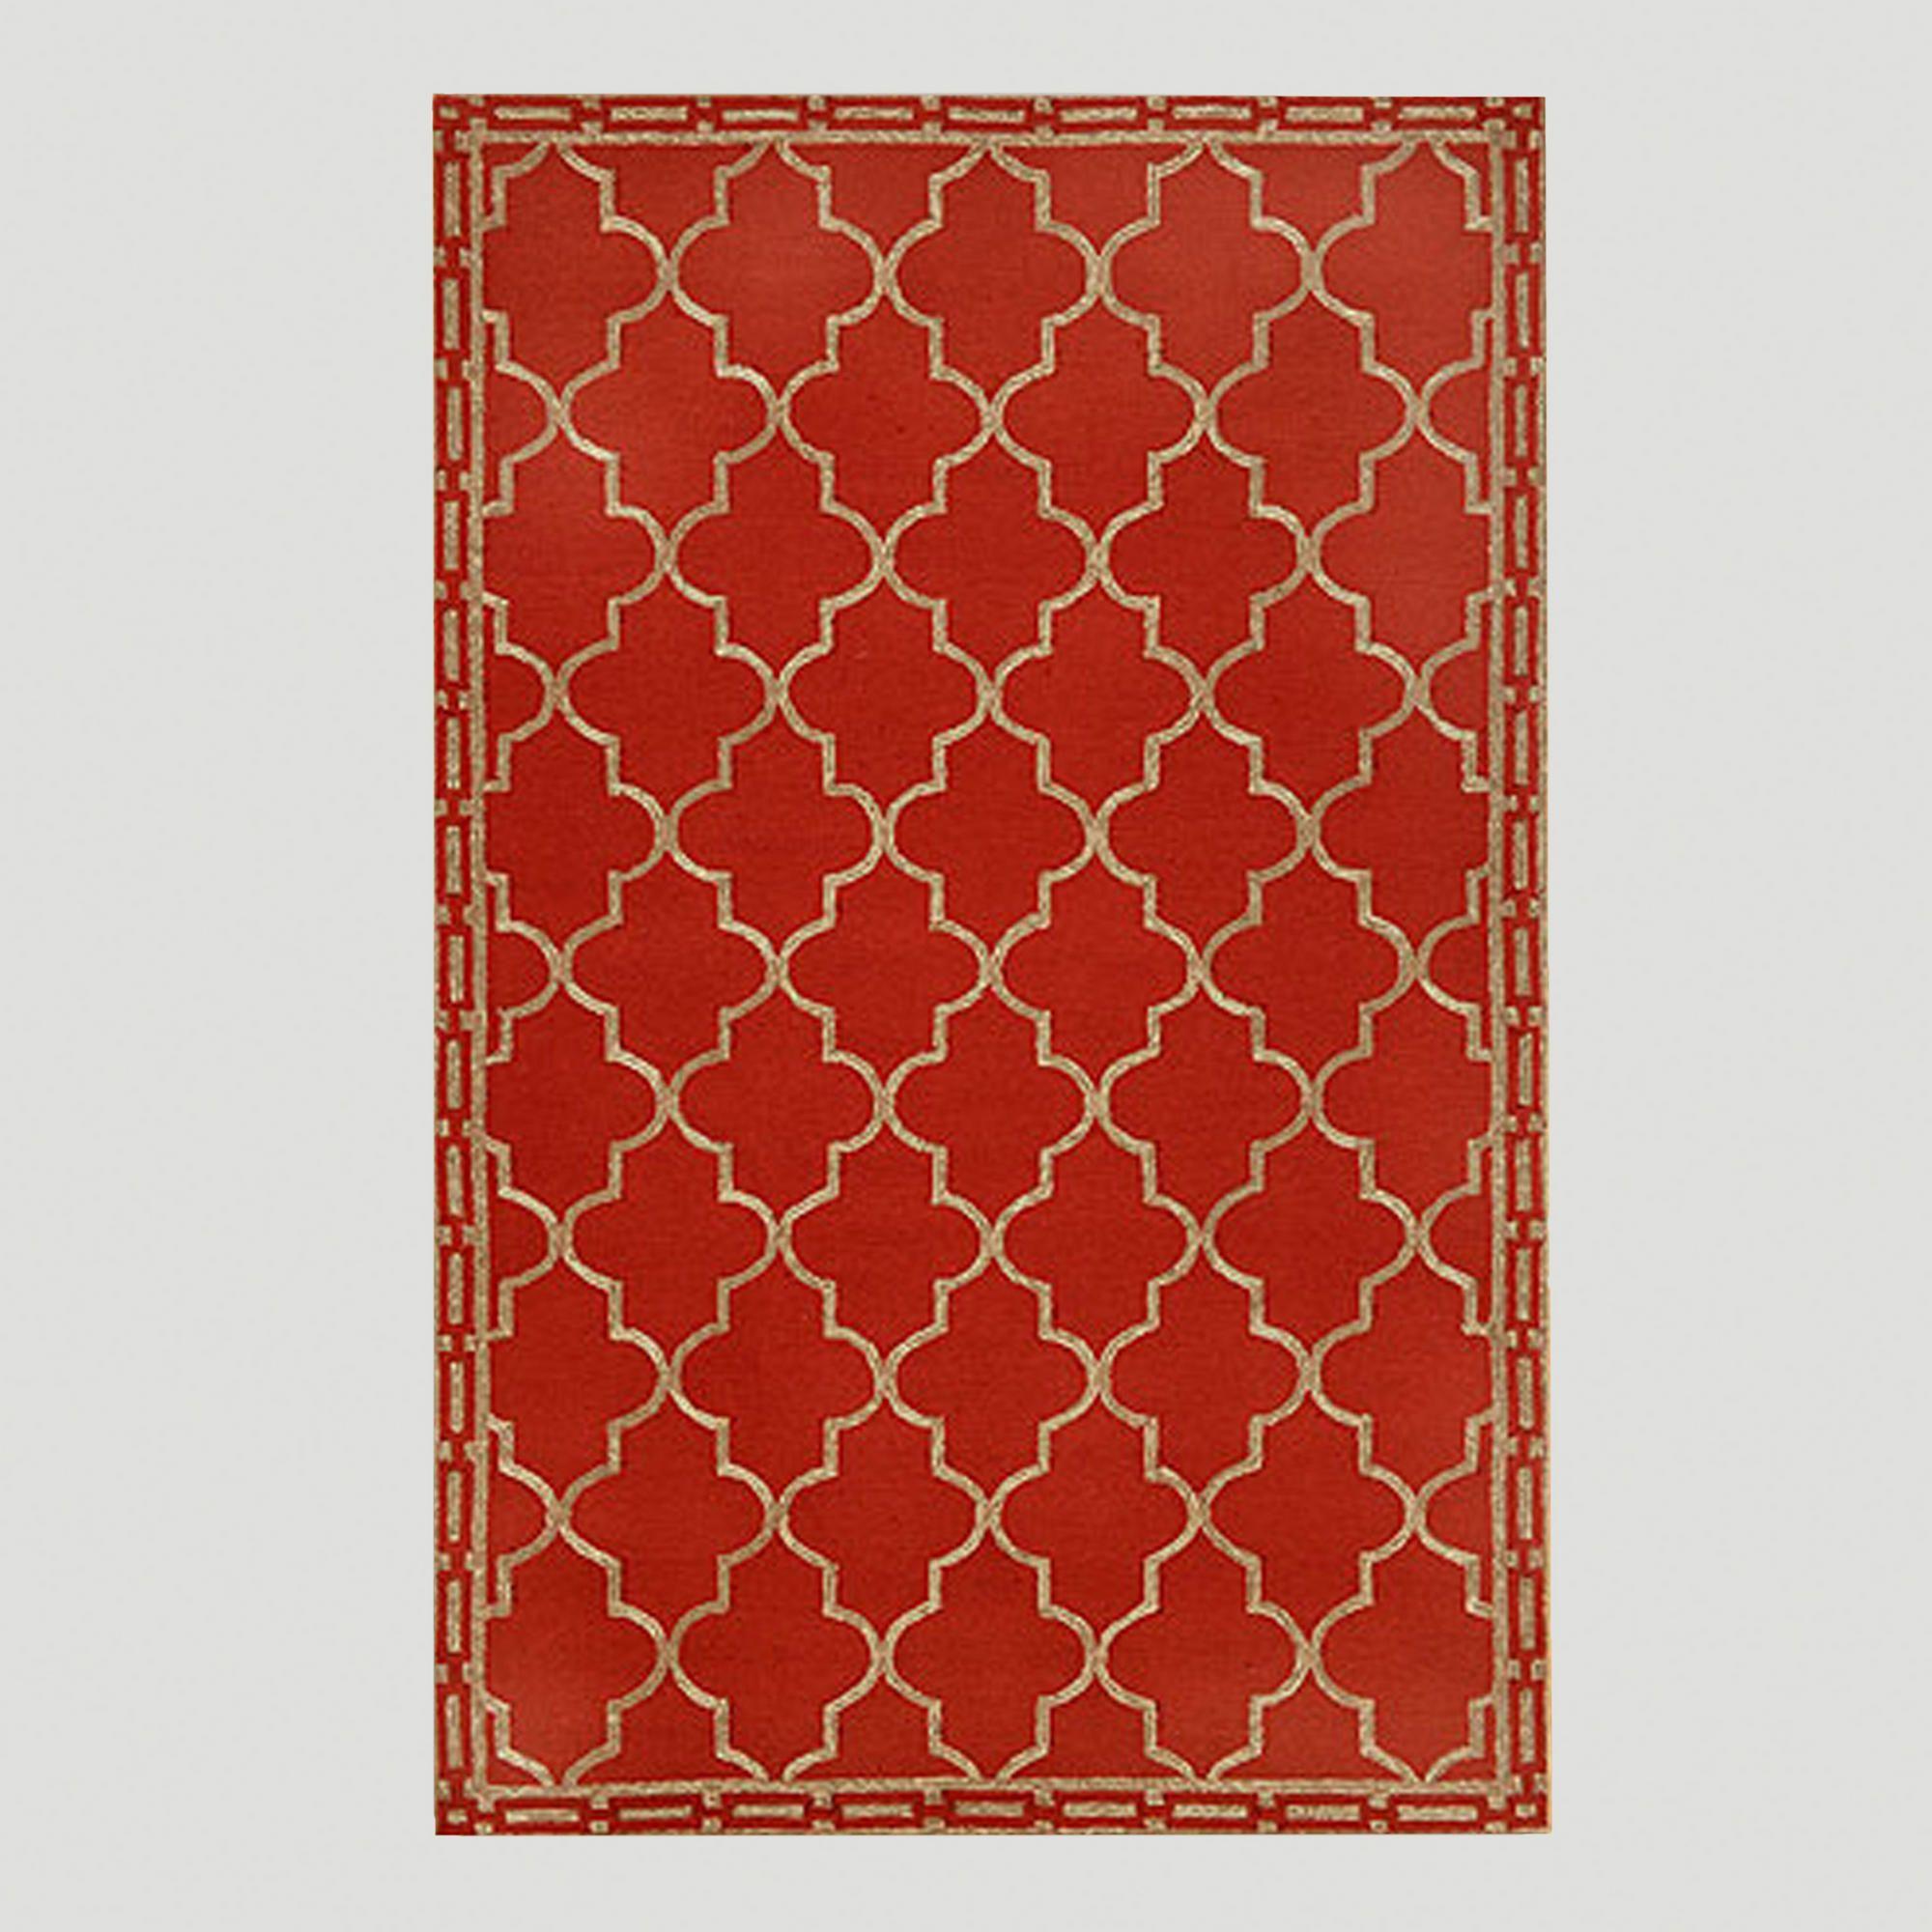 Red Floor Tile Indoor Outdoor Rug World Market 5x7 280